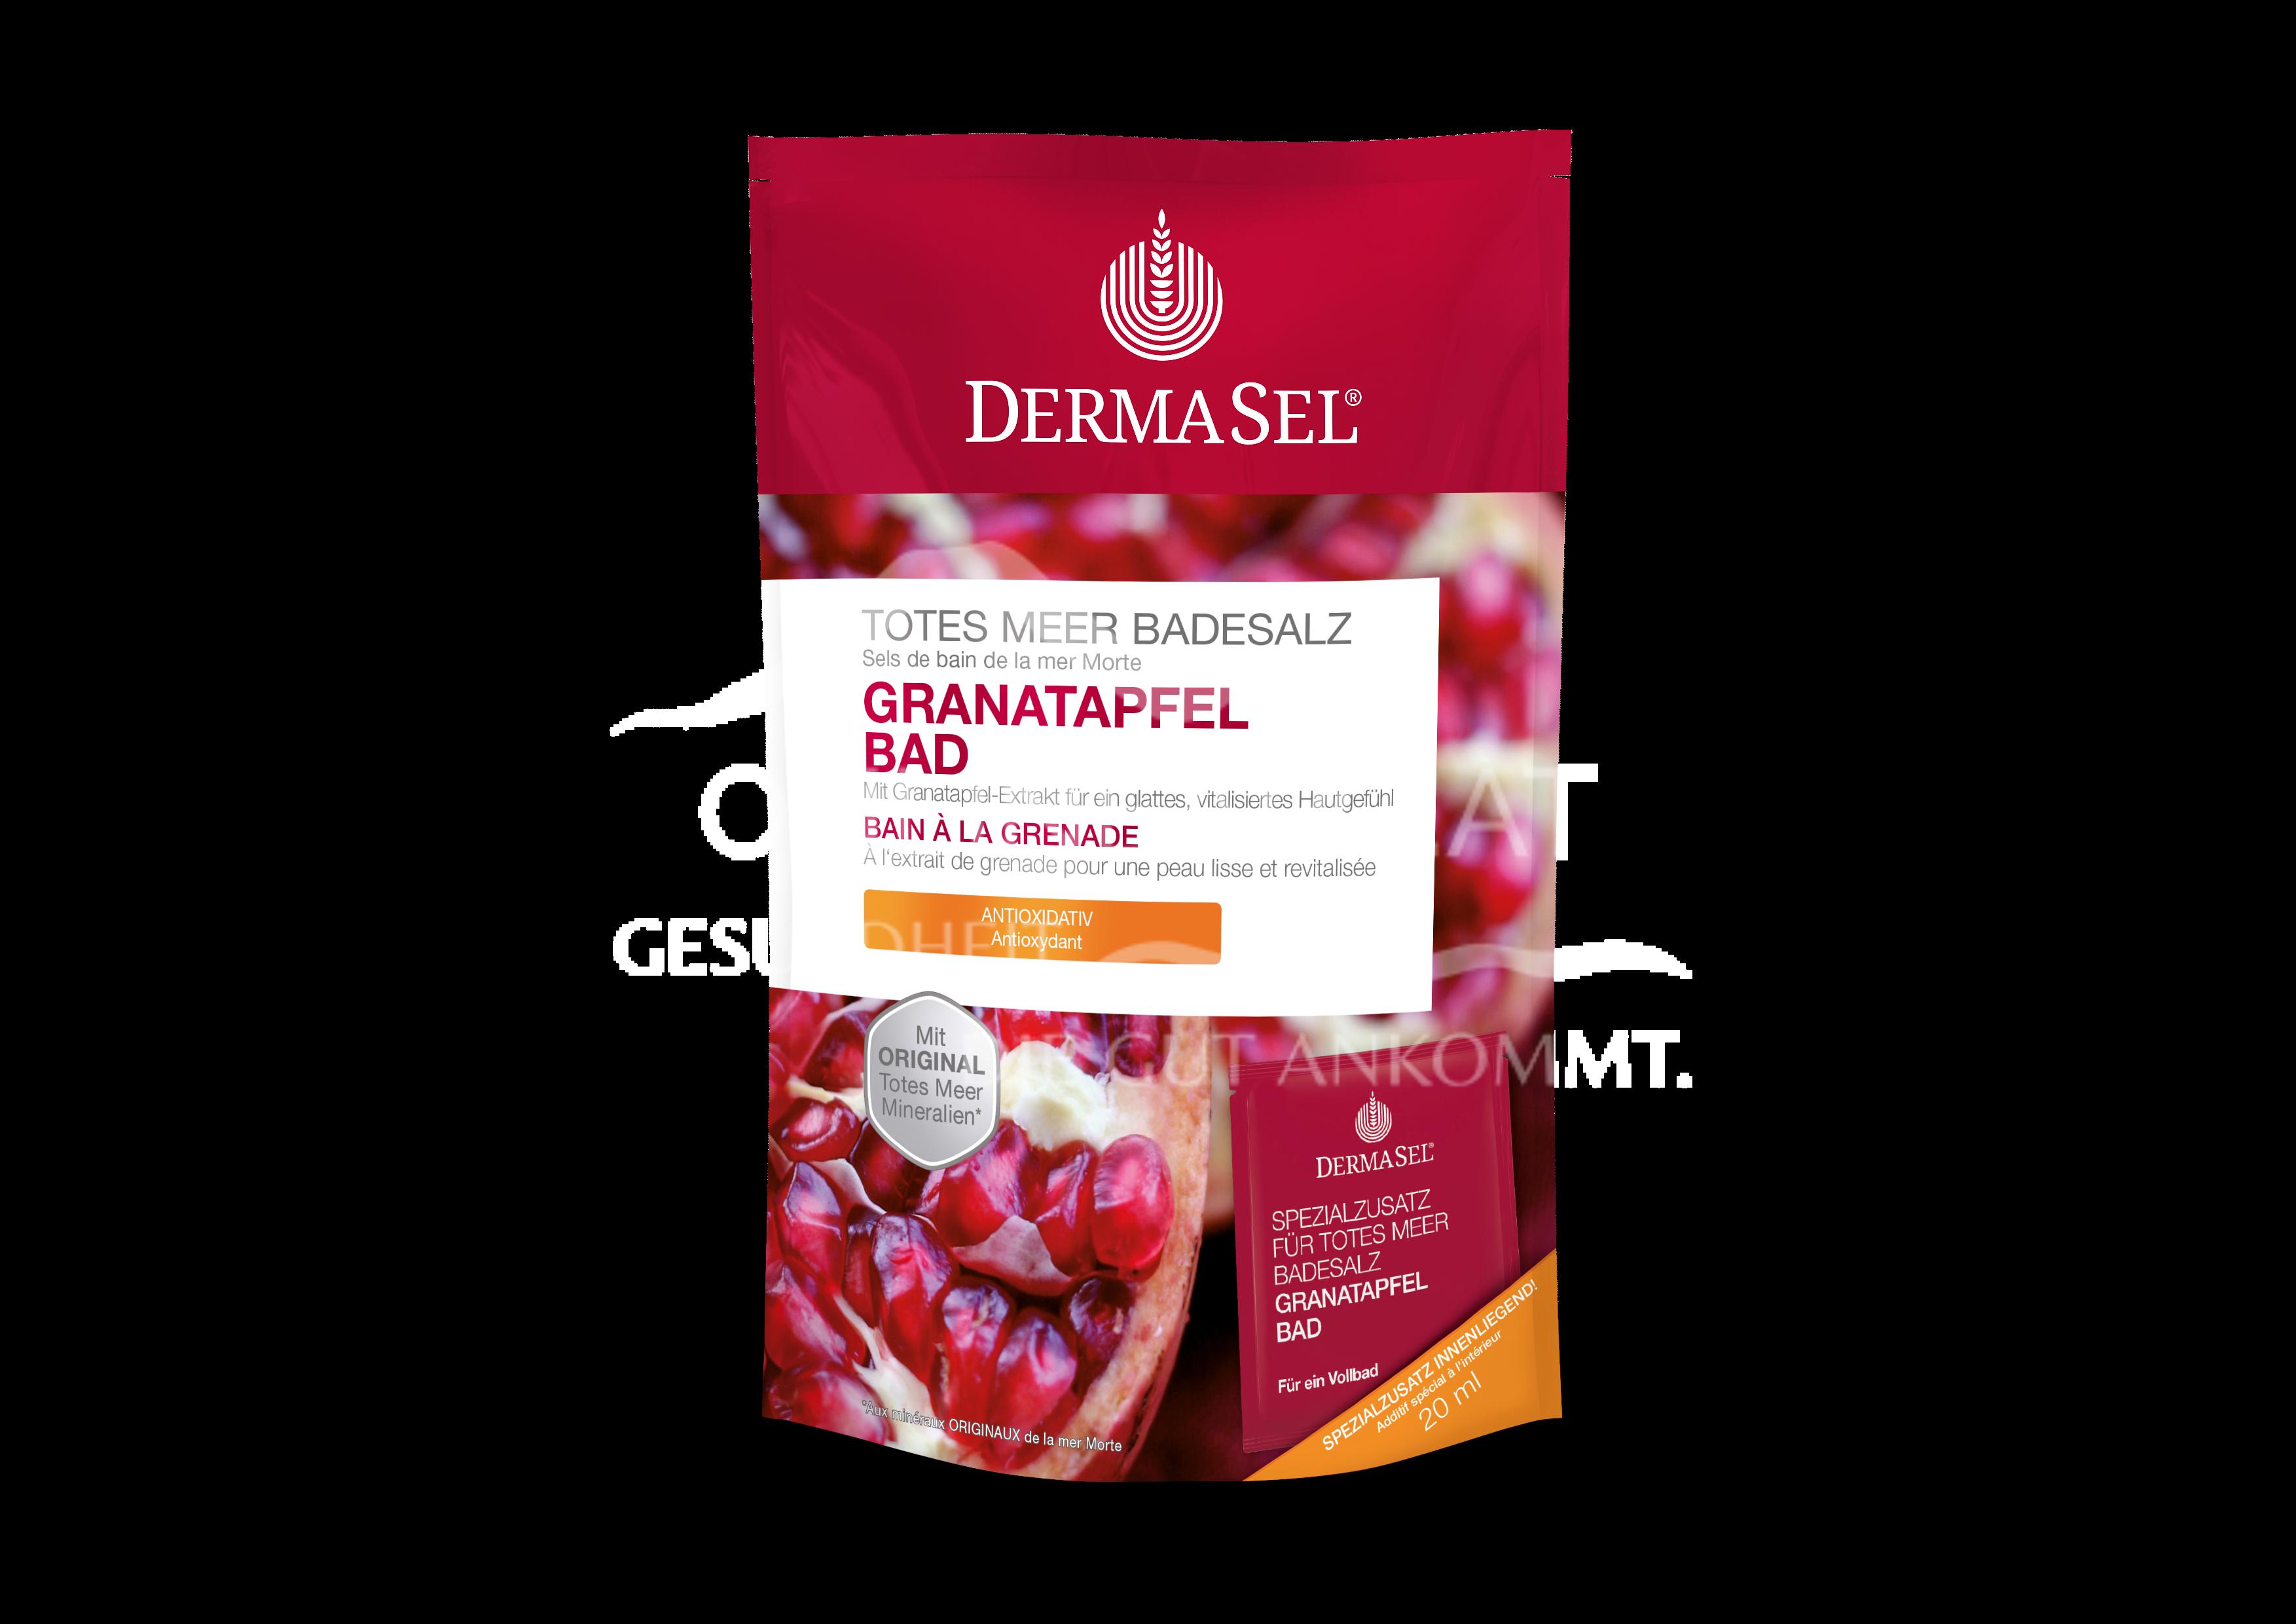 DermaSel® Totes Meer Badesalz Granatapfel Bad